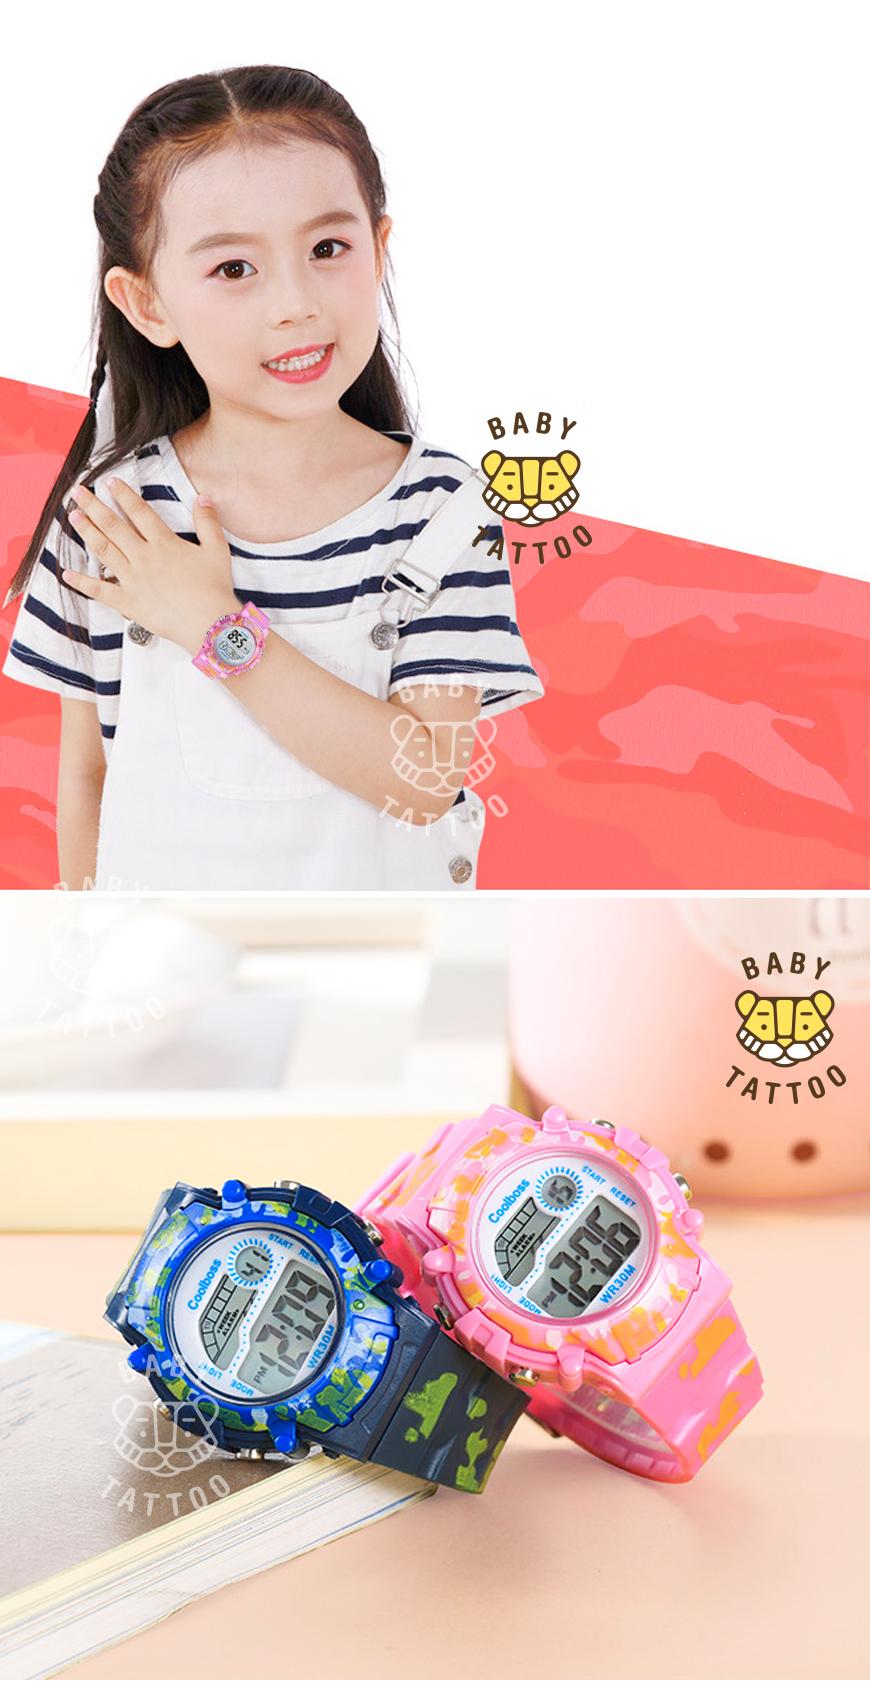 [MIỄN PHÍ GIAO HÀNG] Đồng hồ trẻ em đa chức năng kết hợp hiệu ứng đèn Led chính hãng Coobos, chống trầy xước, chống nước tốt, bảo hành 2 năm 8